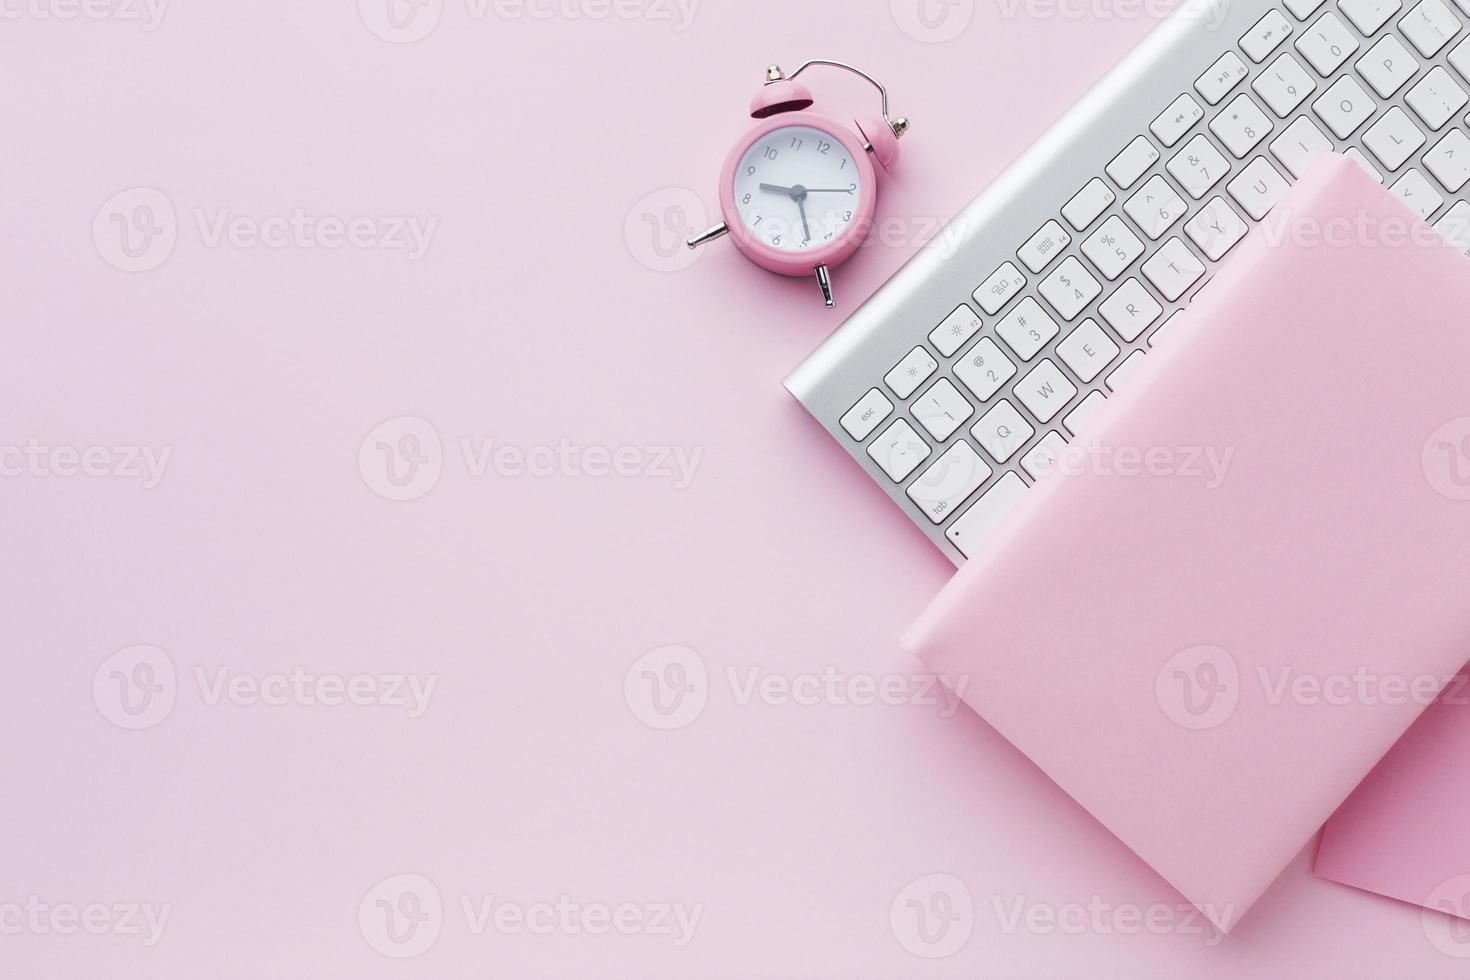 livre blanc et clavier avec horloge rose sur fond rose photo